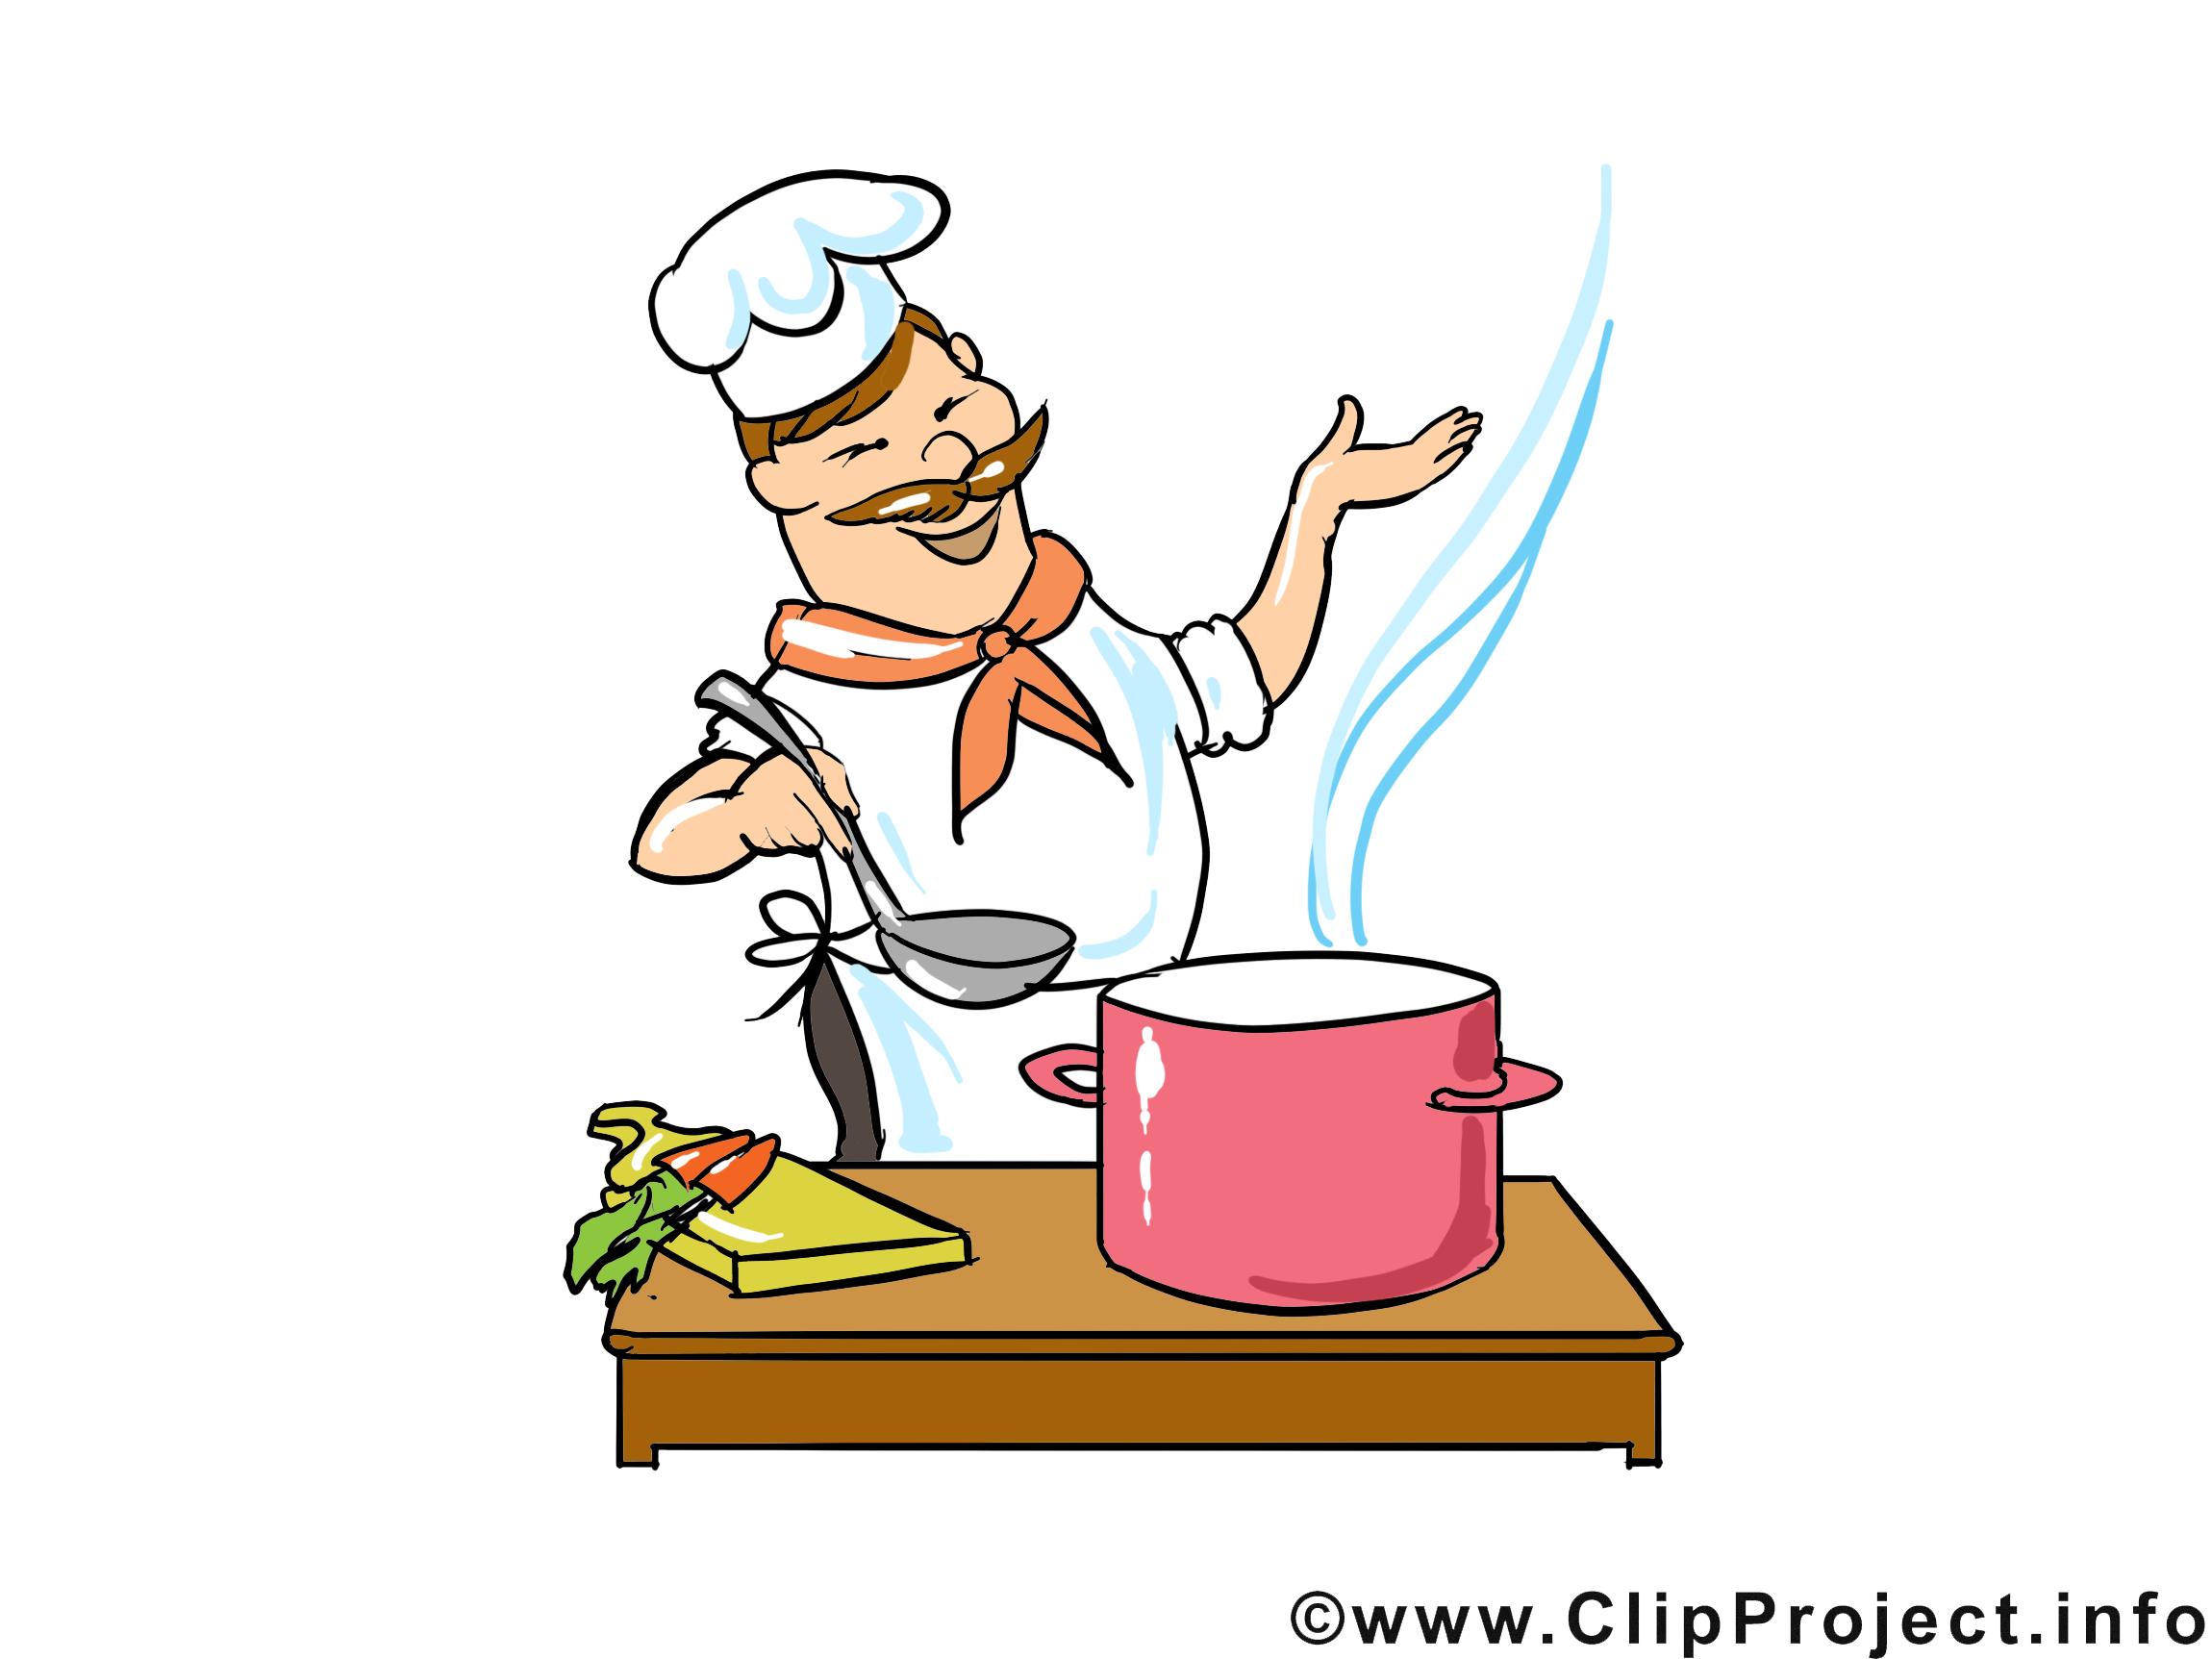 koch-clipart-4.jpg (2300×1725) | Clip art, Dessin, Graphic